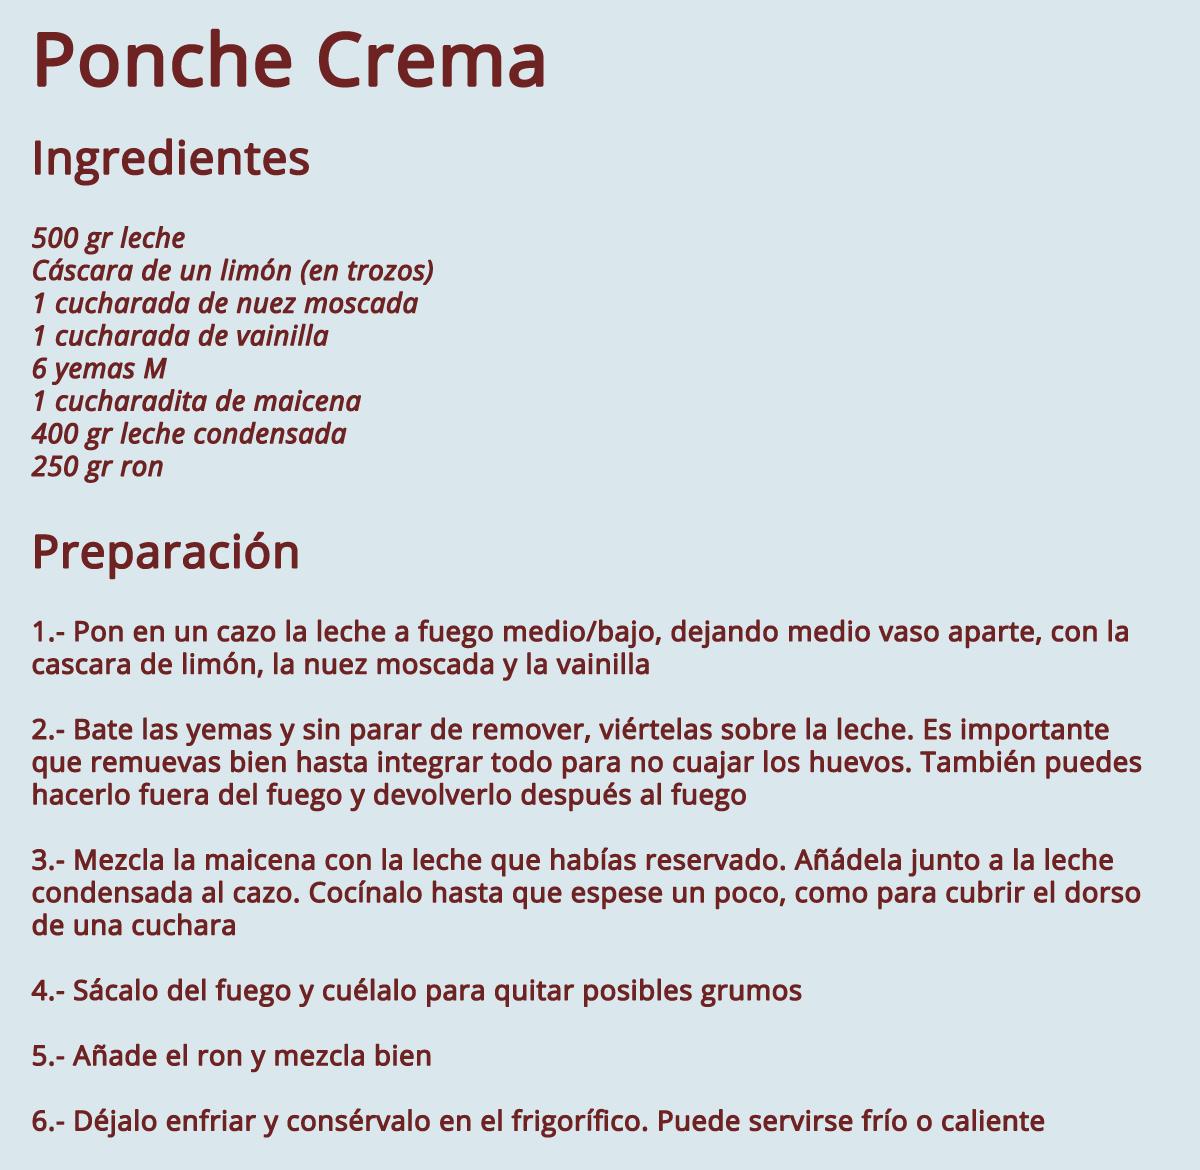 Resultado de imagen para receta de ponchecrema